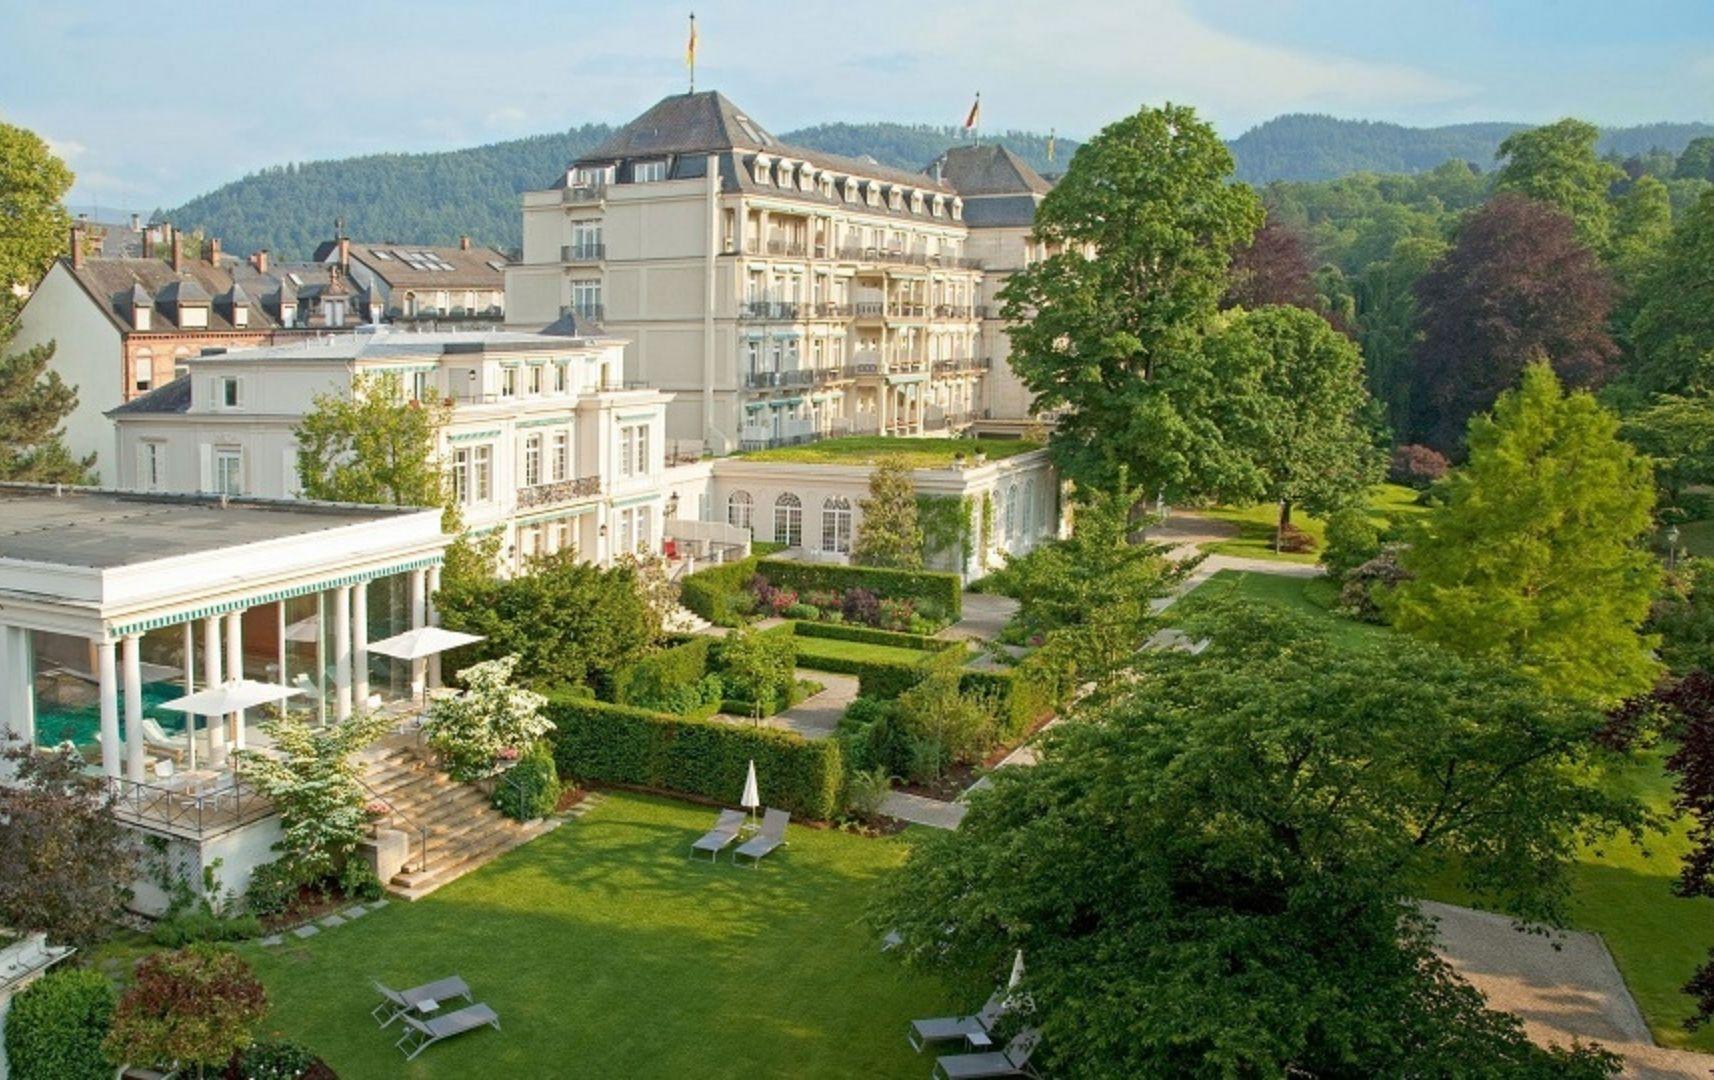 Brenners Hotel Baden Baden Reisebericht Beisert